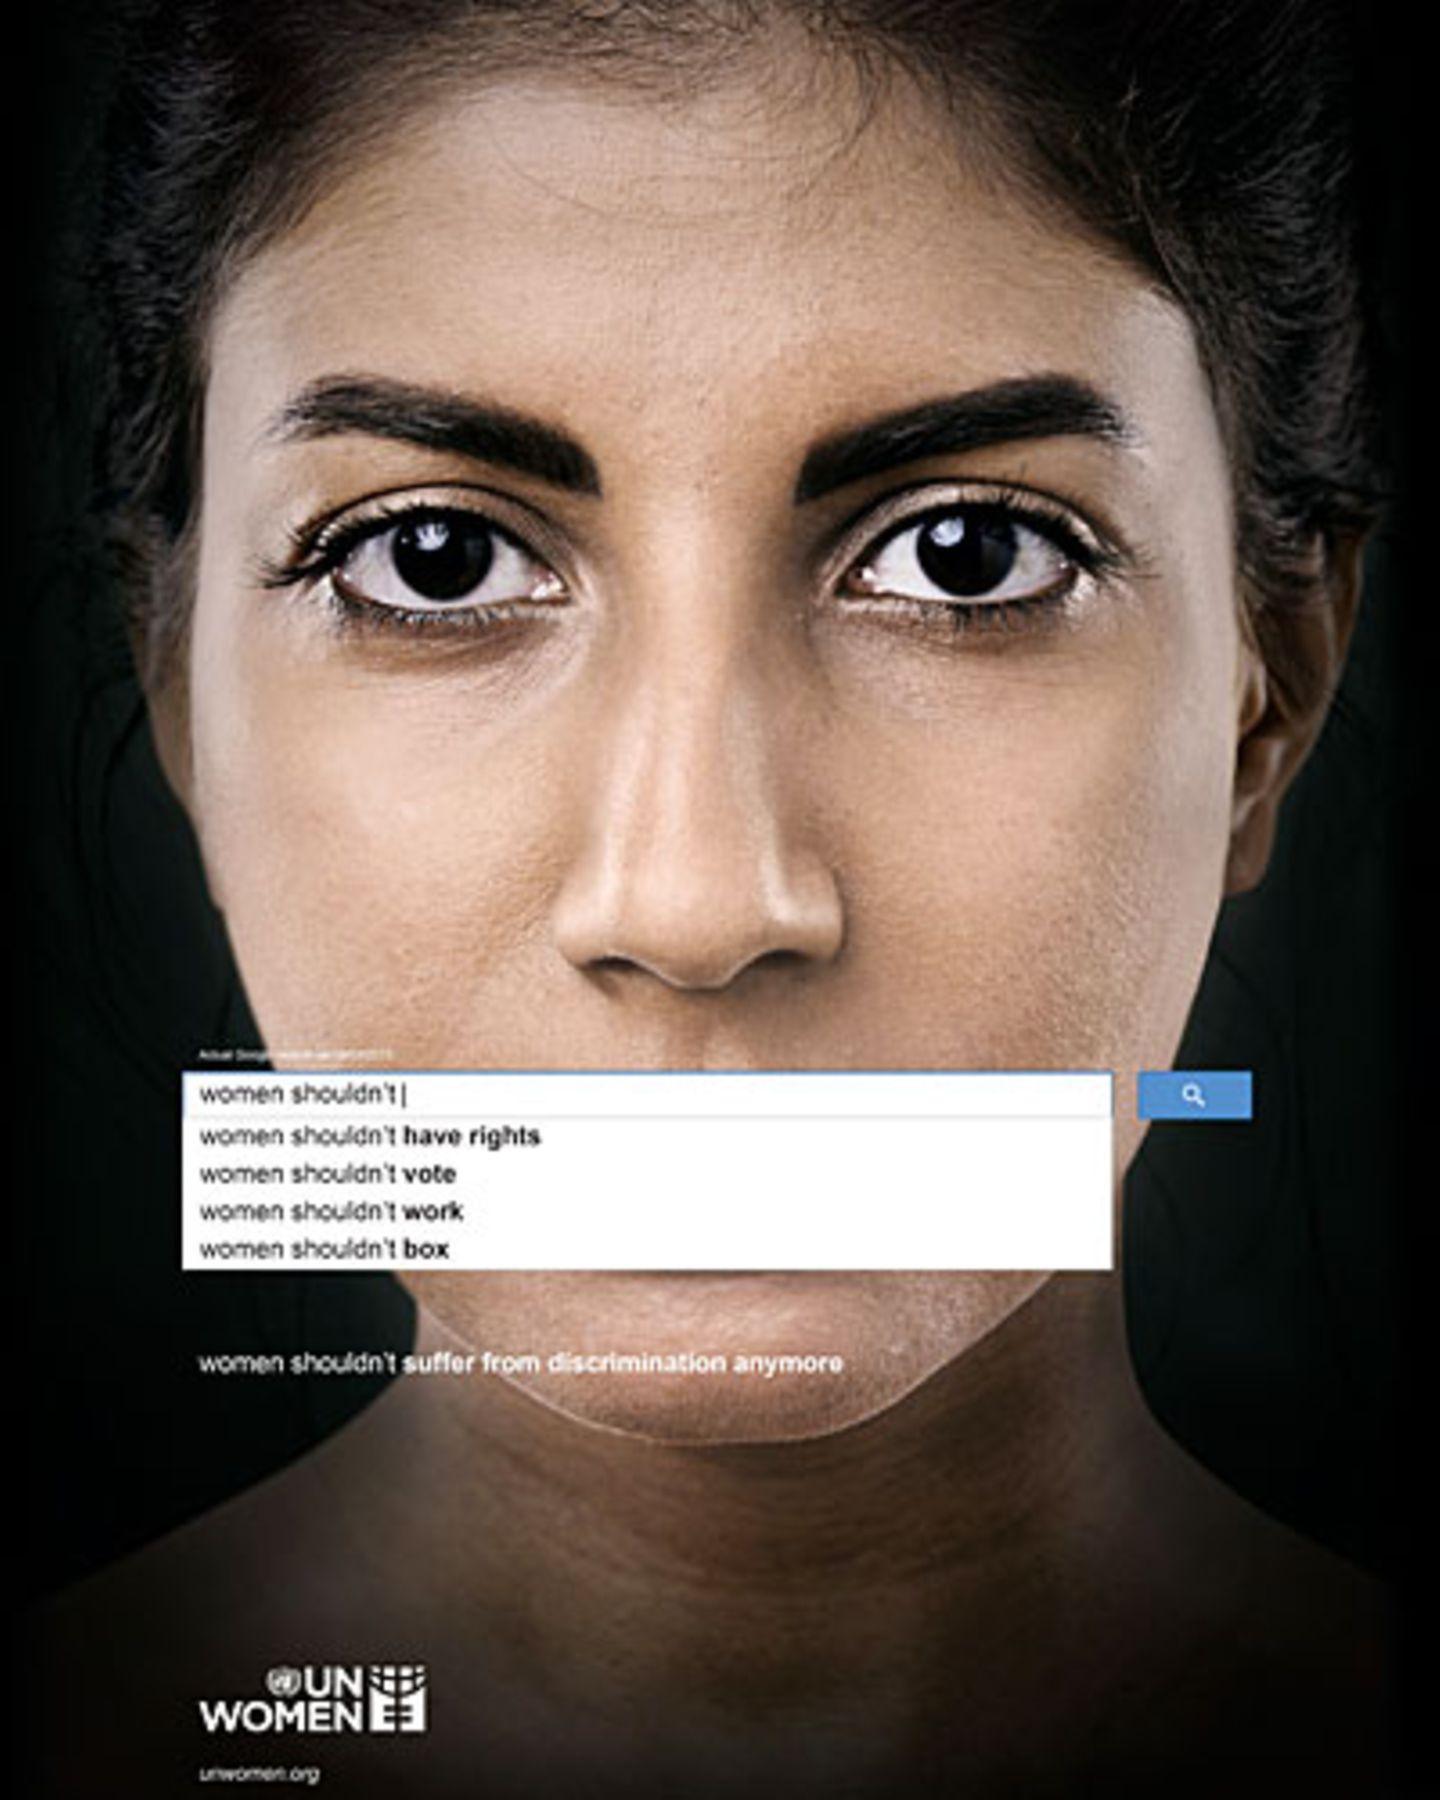 """Wir alle nutzen Google, die meisten täglich. Und jeder kennt die Suchvorschläge, die auftauchen, wenn man Worte in das Suchfeld eingibt. Eigentlich sollen sie uns nur helfen, schneller ans Ziel zu kommen. Aber sie sagen auch Einiges über unsere Gesellschaft aus. Gibt man in das Suchfeld etwa die Worte """"Women shouldn't"""" ein, macht uns Google sehr erstaunliche Vorschläge: """"Women shouldn't have rights"""" - Frauen sollten keine Rechte haben. Oder: """"Women shouldn't vote"""" - Frauen sollten nicht wählen. Ist Google also sexistisch? Nein, viel schlimmer. Es zeigt uns eine Meinung, die sehr viele Menschen weltweit teilen. Denn die Auto-Vervollständigung von Google ist kein Zufall, sondern basiert auf den Eingaben der meisten User. """"Die Begriffe werden automatisch erstellt und basieren auf einer Vielzahl von Faktoren, unter anderem der Beliebtheit bestimmter Suchbegriffe im Internet"""", erklärt ein Sprecher von Google Deutschland. Dass so viele Menschen Begriffe wie """"Women shouldn't have rights"""" suchen, zeigt die weitreichende Diskriminierung in unserer Gesellschaft - darauf macht die UN-Organisation """"UN Women"""" mit ihrer neuen Kampagne aufmerksam. Mehr bei BRIGITTE: Frauen-Porträts: Die Stunde der Frauen Sexistische Werbung: Wehrt euch mit #ichkaufdasnicht Syriens Frauen und der Krieg"""